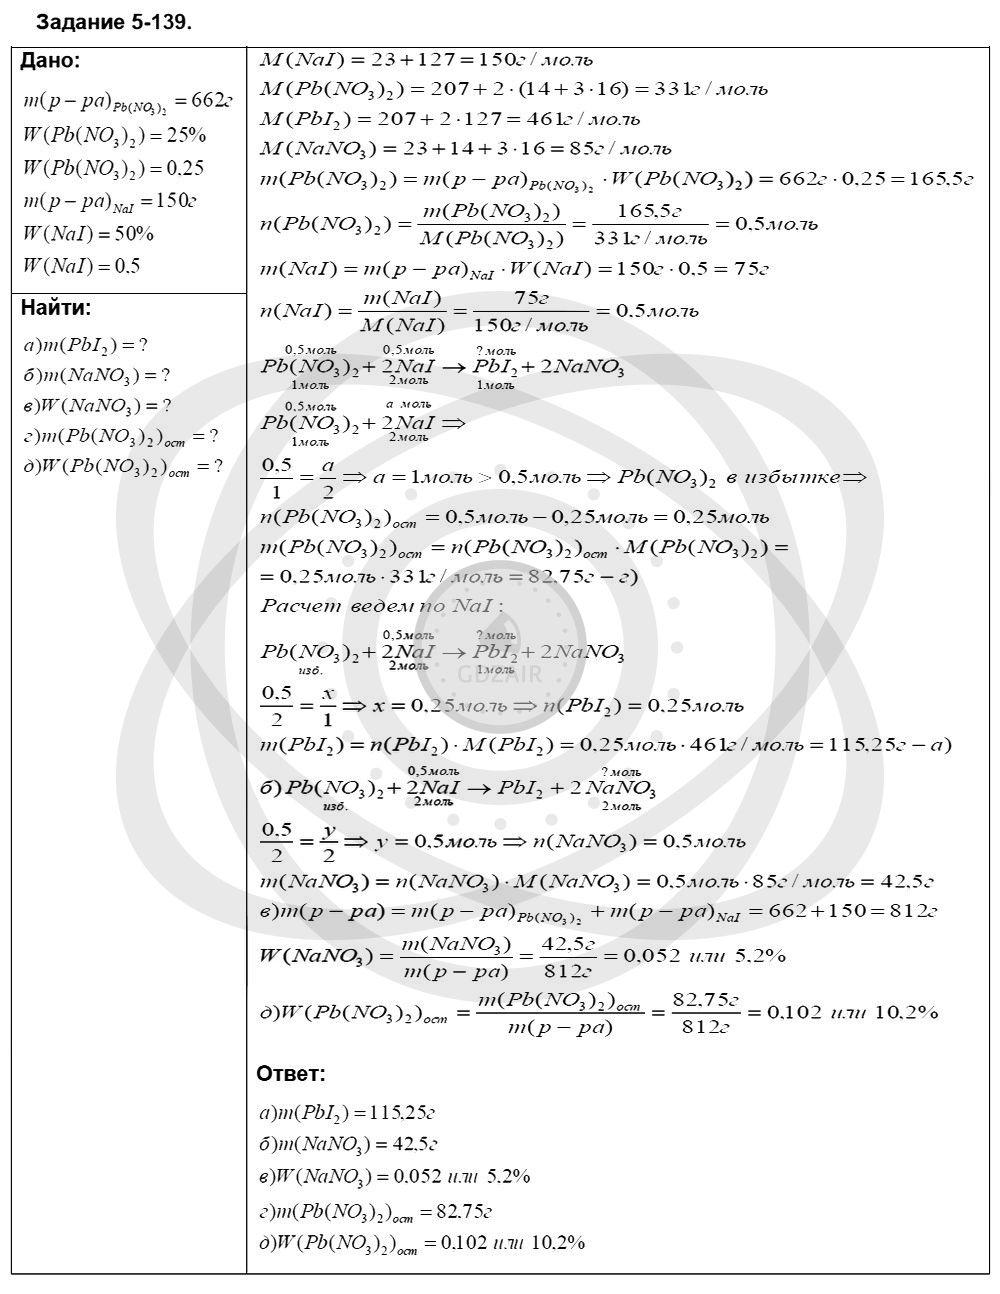 Химия 8 класс Кузнецова Н. Е. Глава 5. Основные классы неорганических соединений / Задания: 139